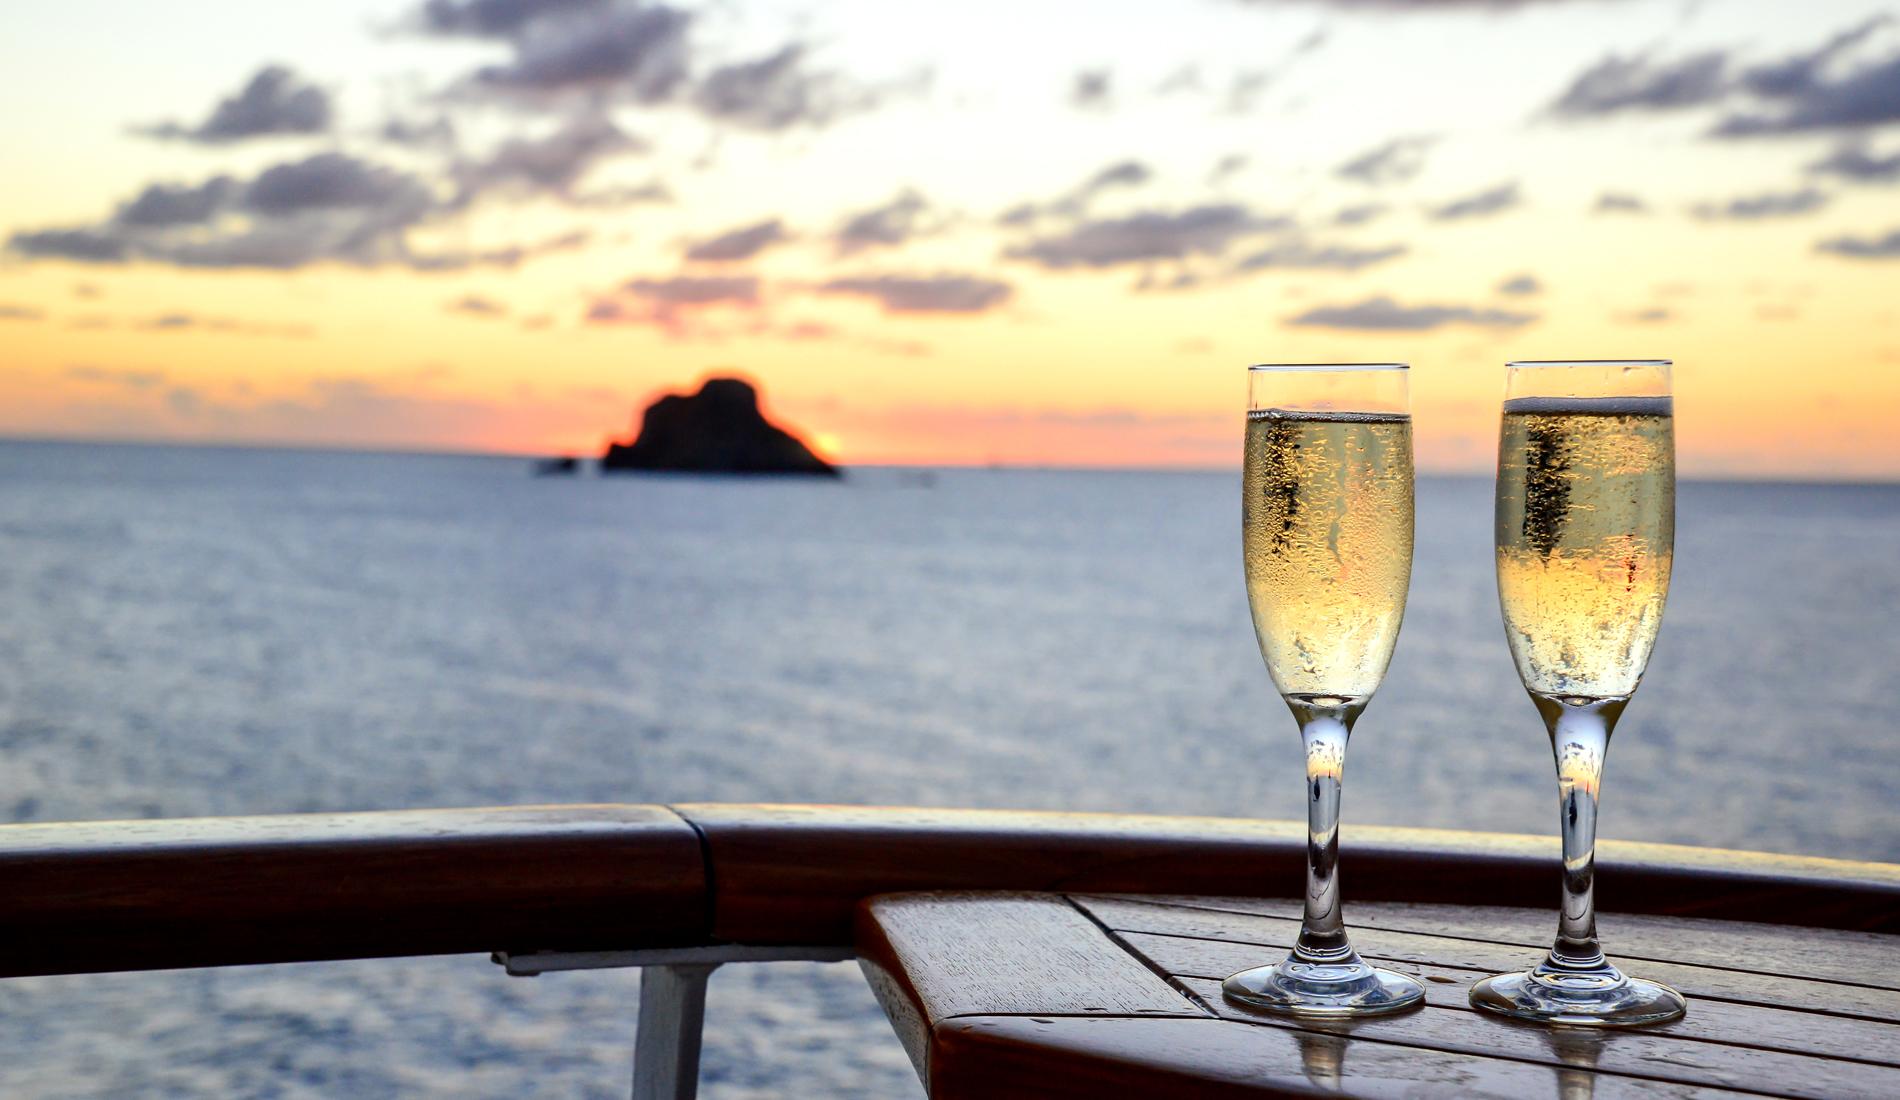 cruisereiser, nordmannsreiser, luksuscruise